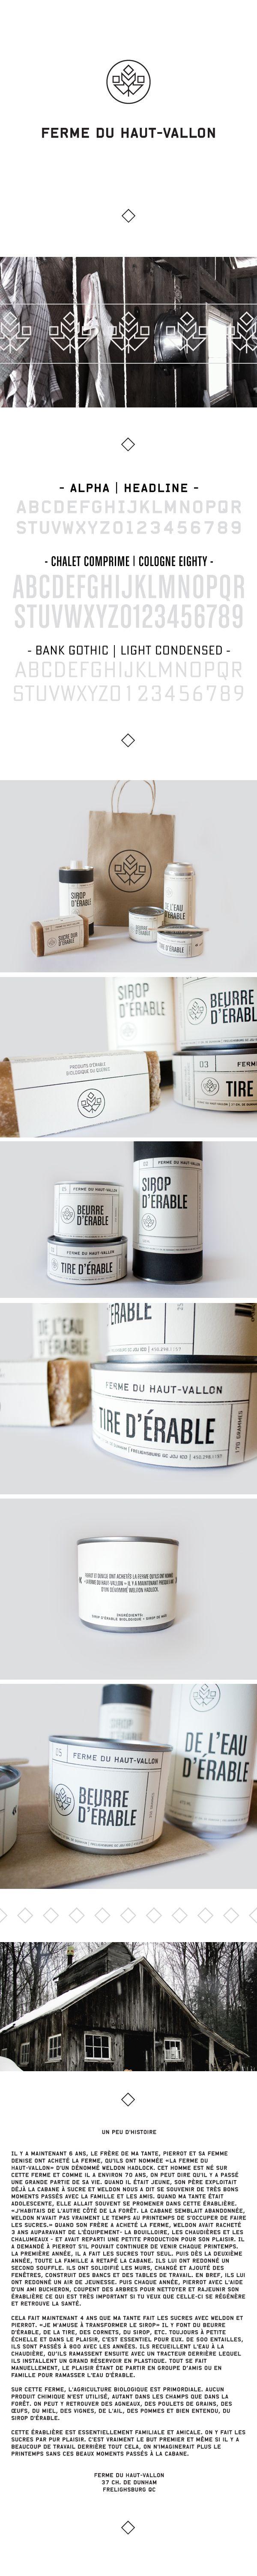 Ferme du Haut-Vallon by Eliane Cadieux, via Behance Time for a bath identity packaging branding PD